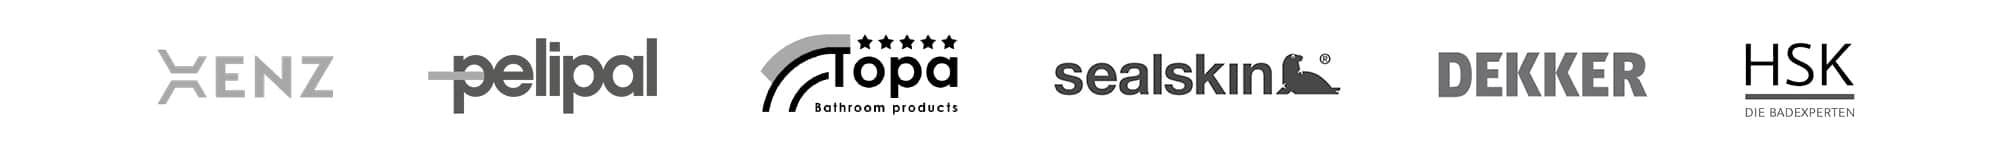 Logobalkje Benb Vleeuwen